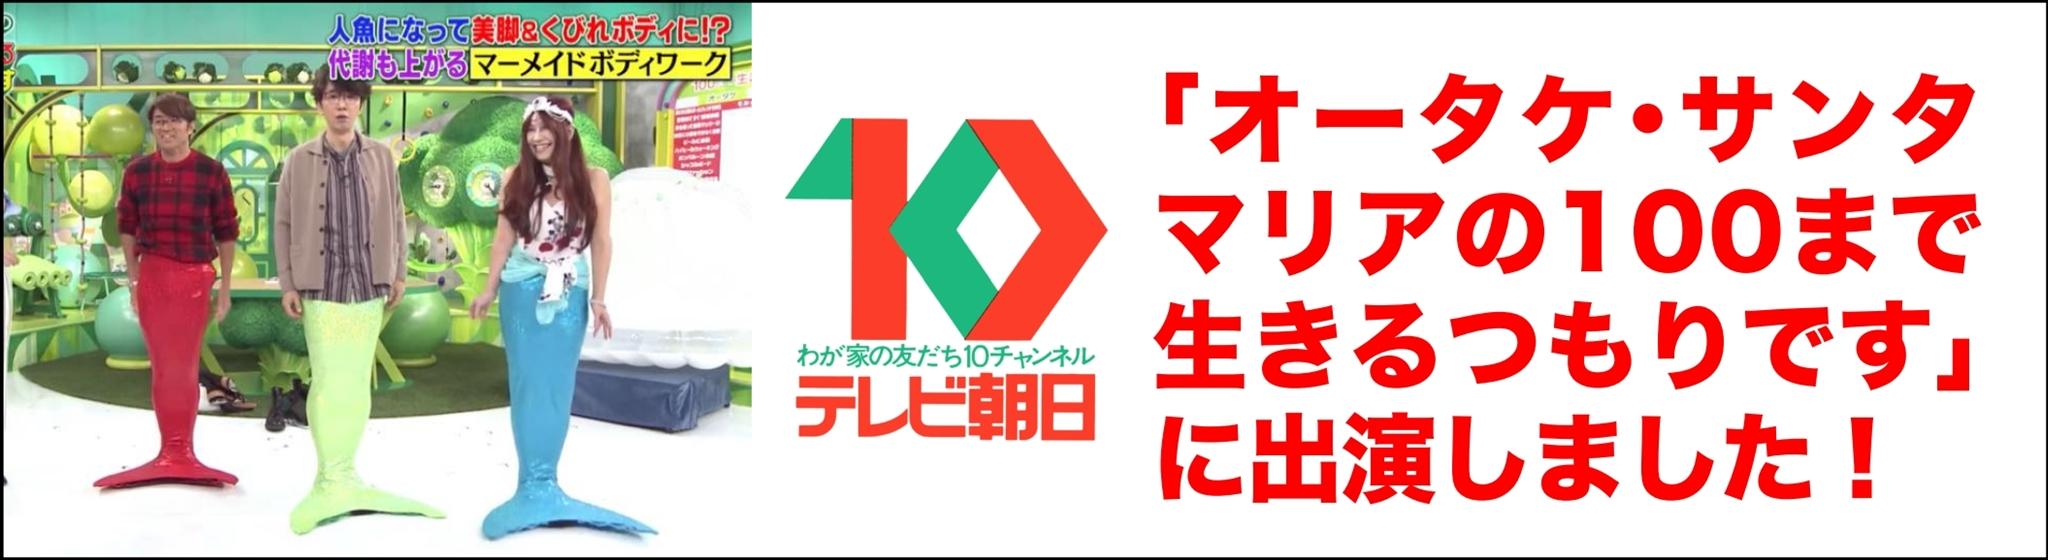 20200323_サイド_テレビ出演_01_380x104_13_x2048